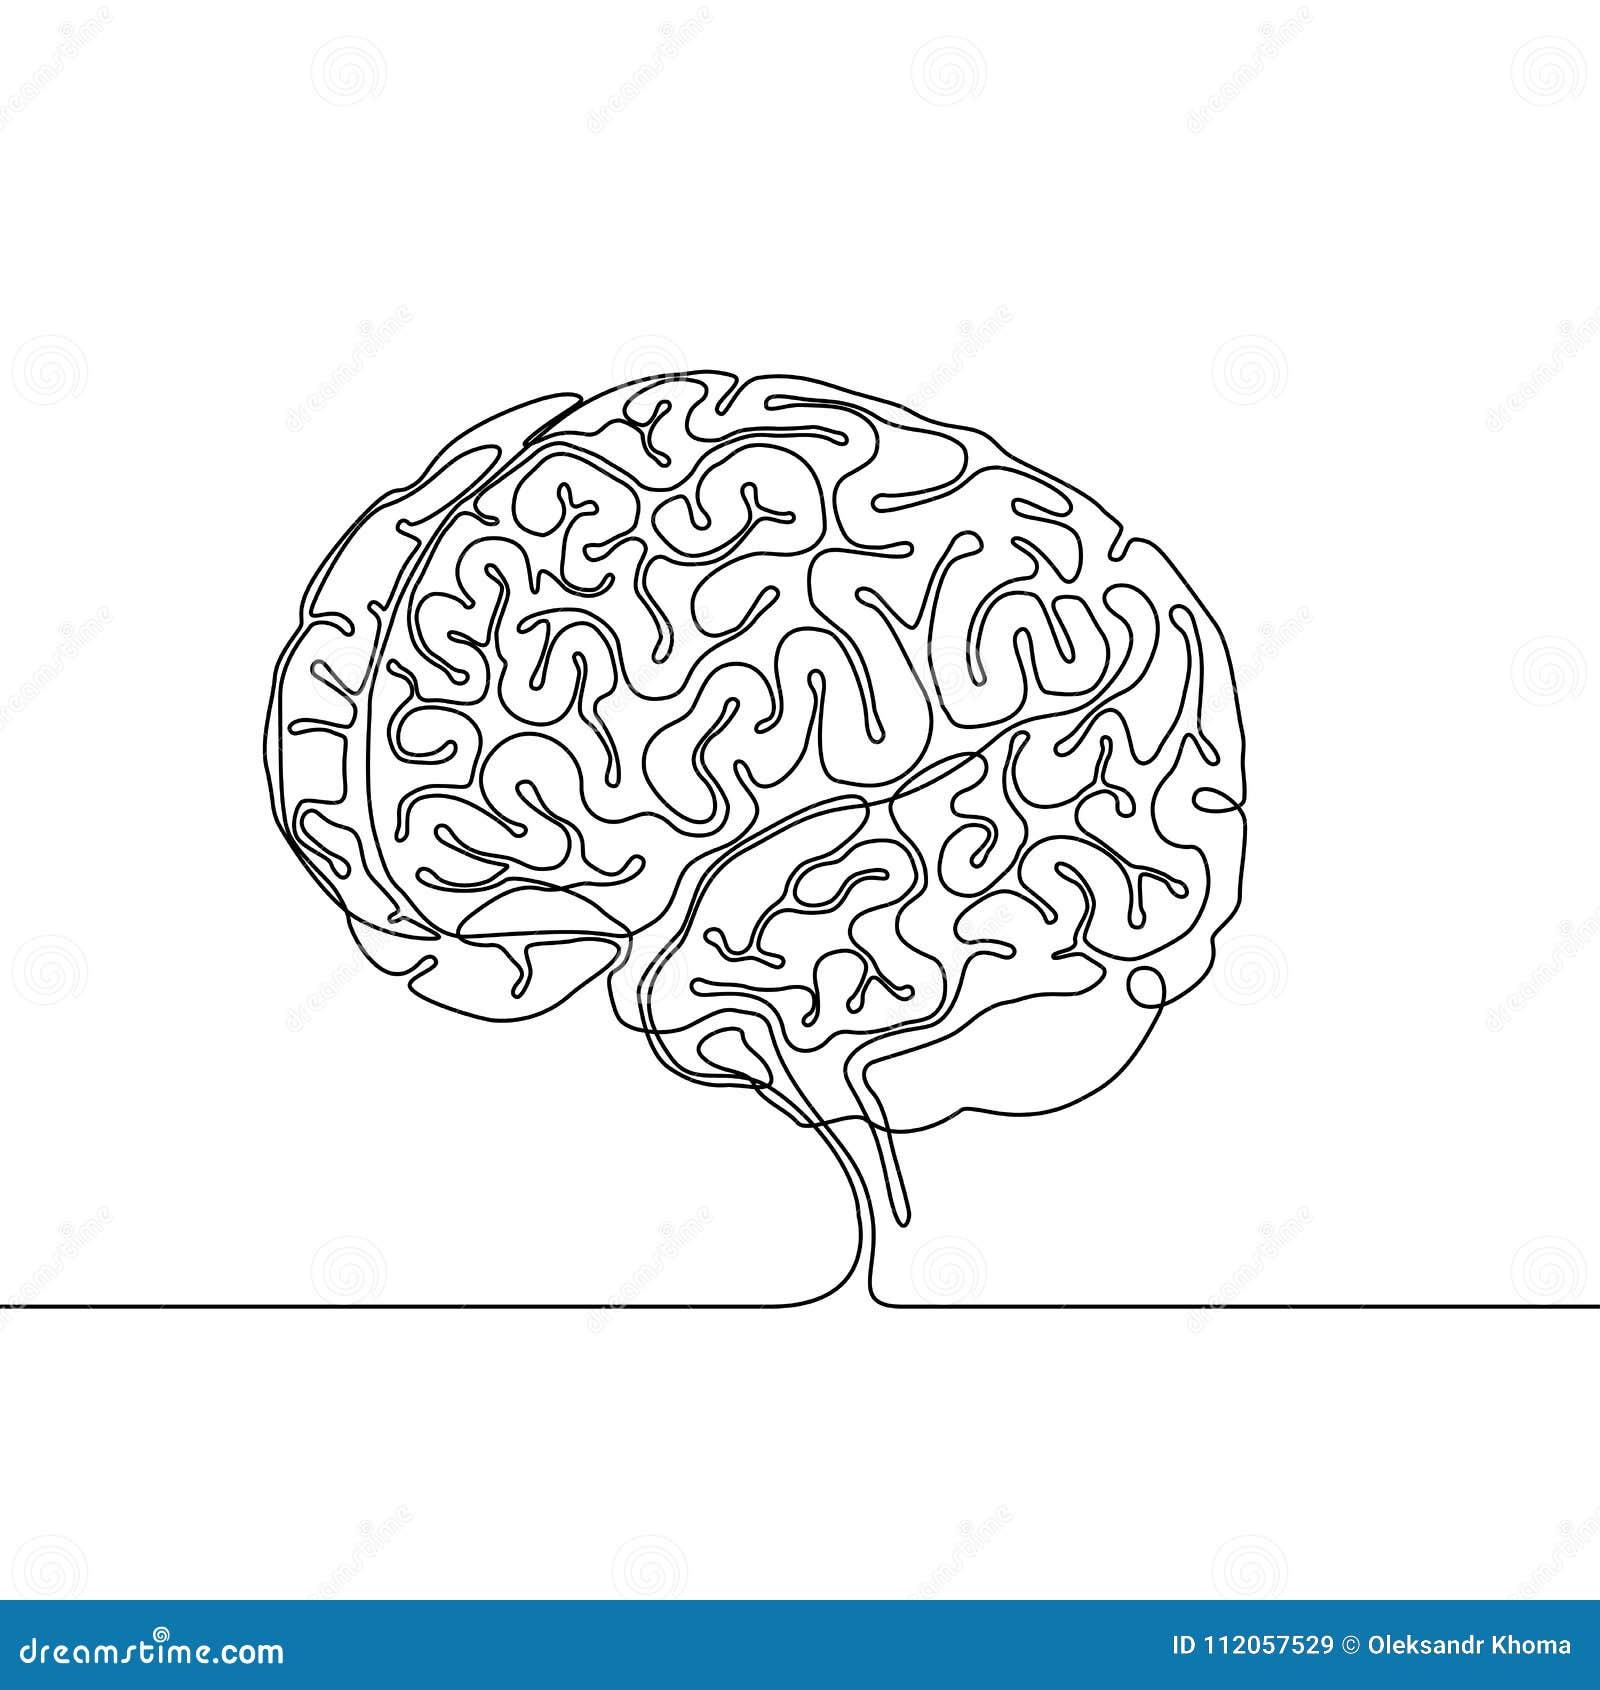 A lápis desenho contínuo de um cérebro humano com giros e sulci